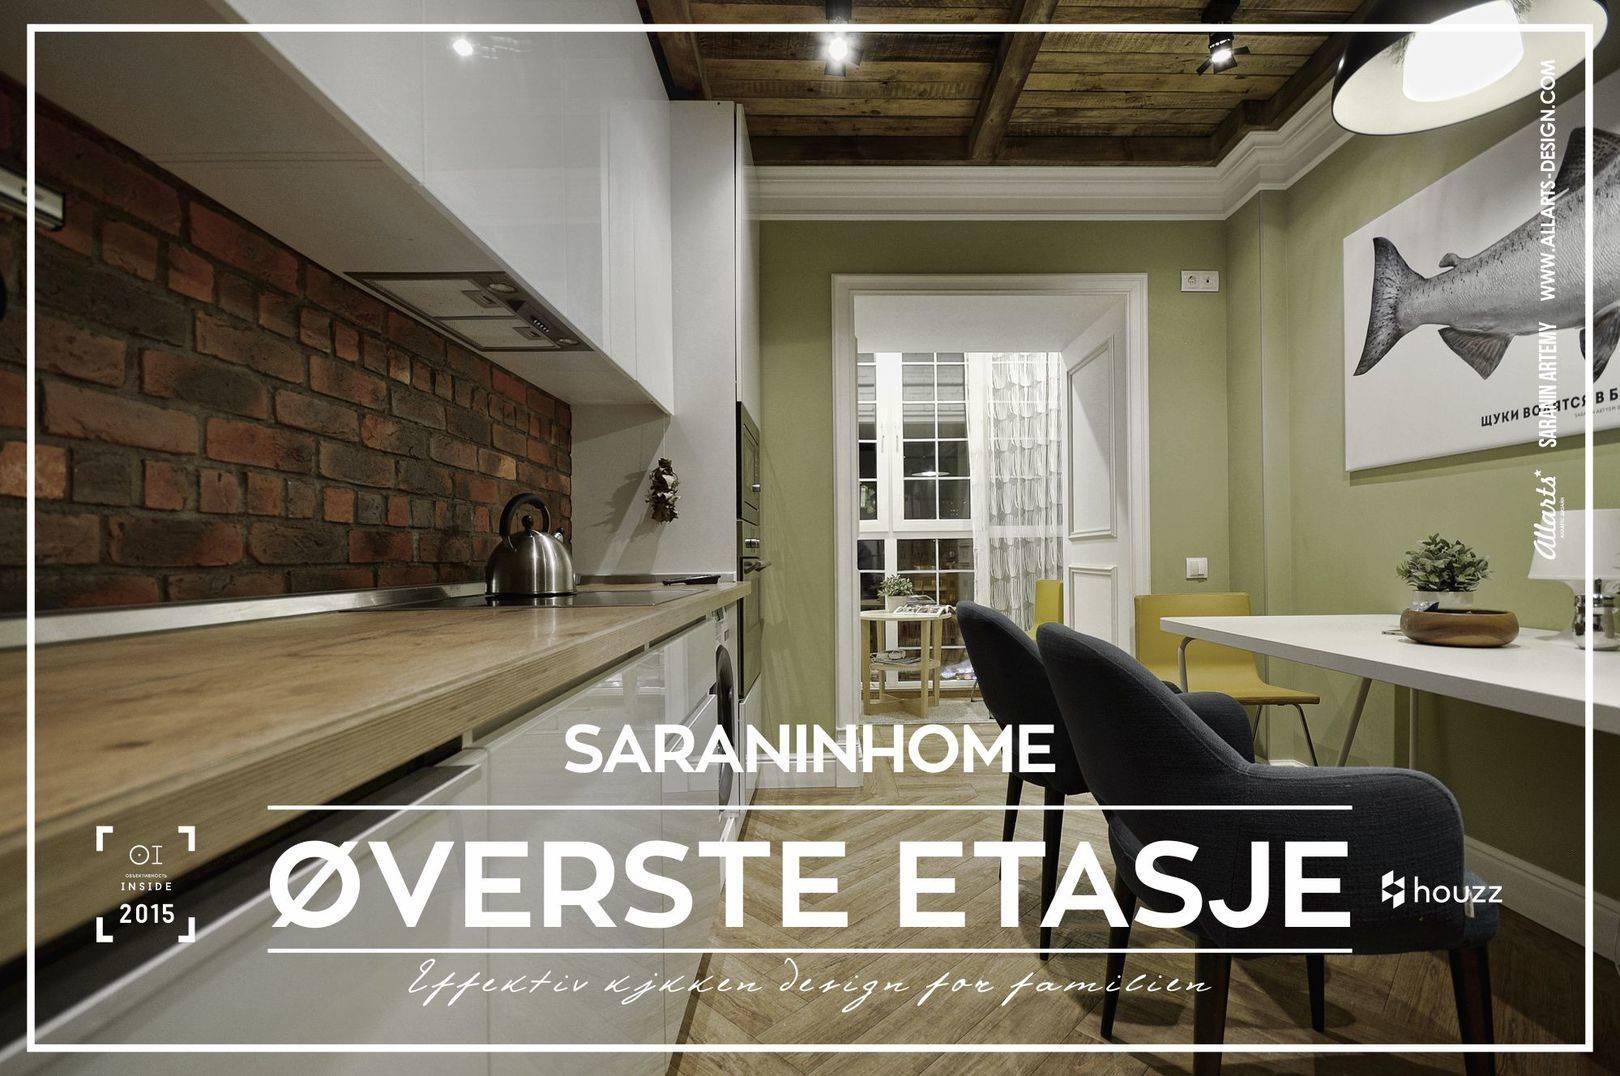 Дизайн интерьера кухня дизайнера Saraninhome